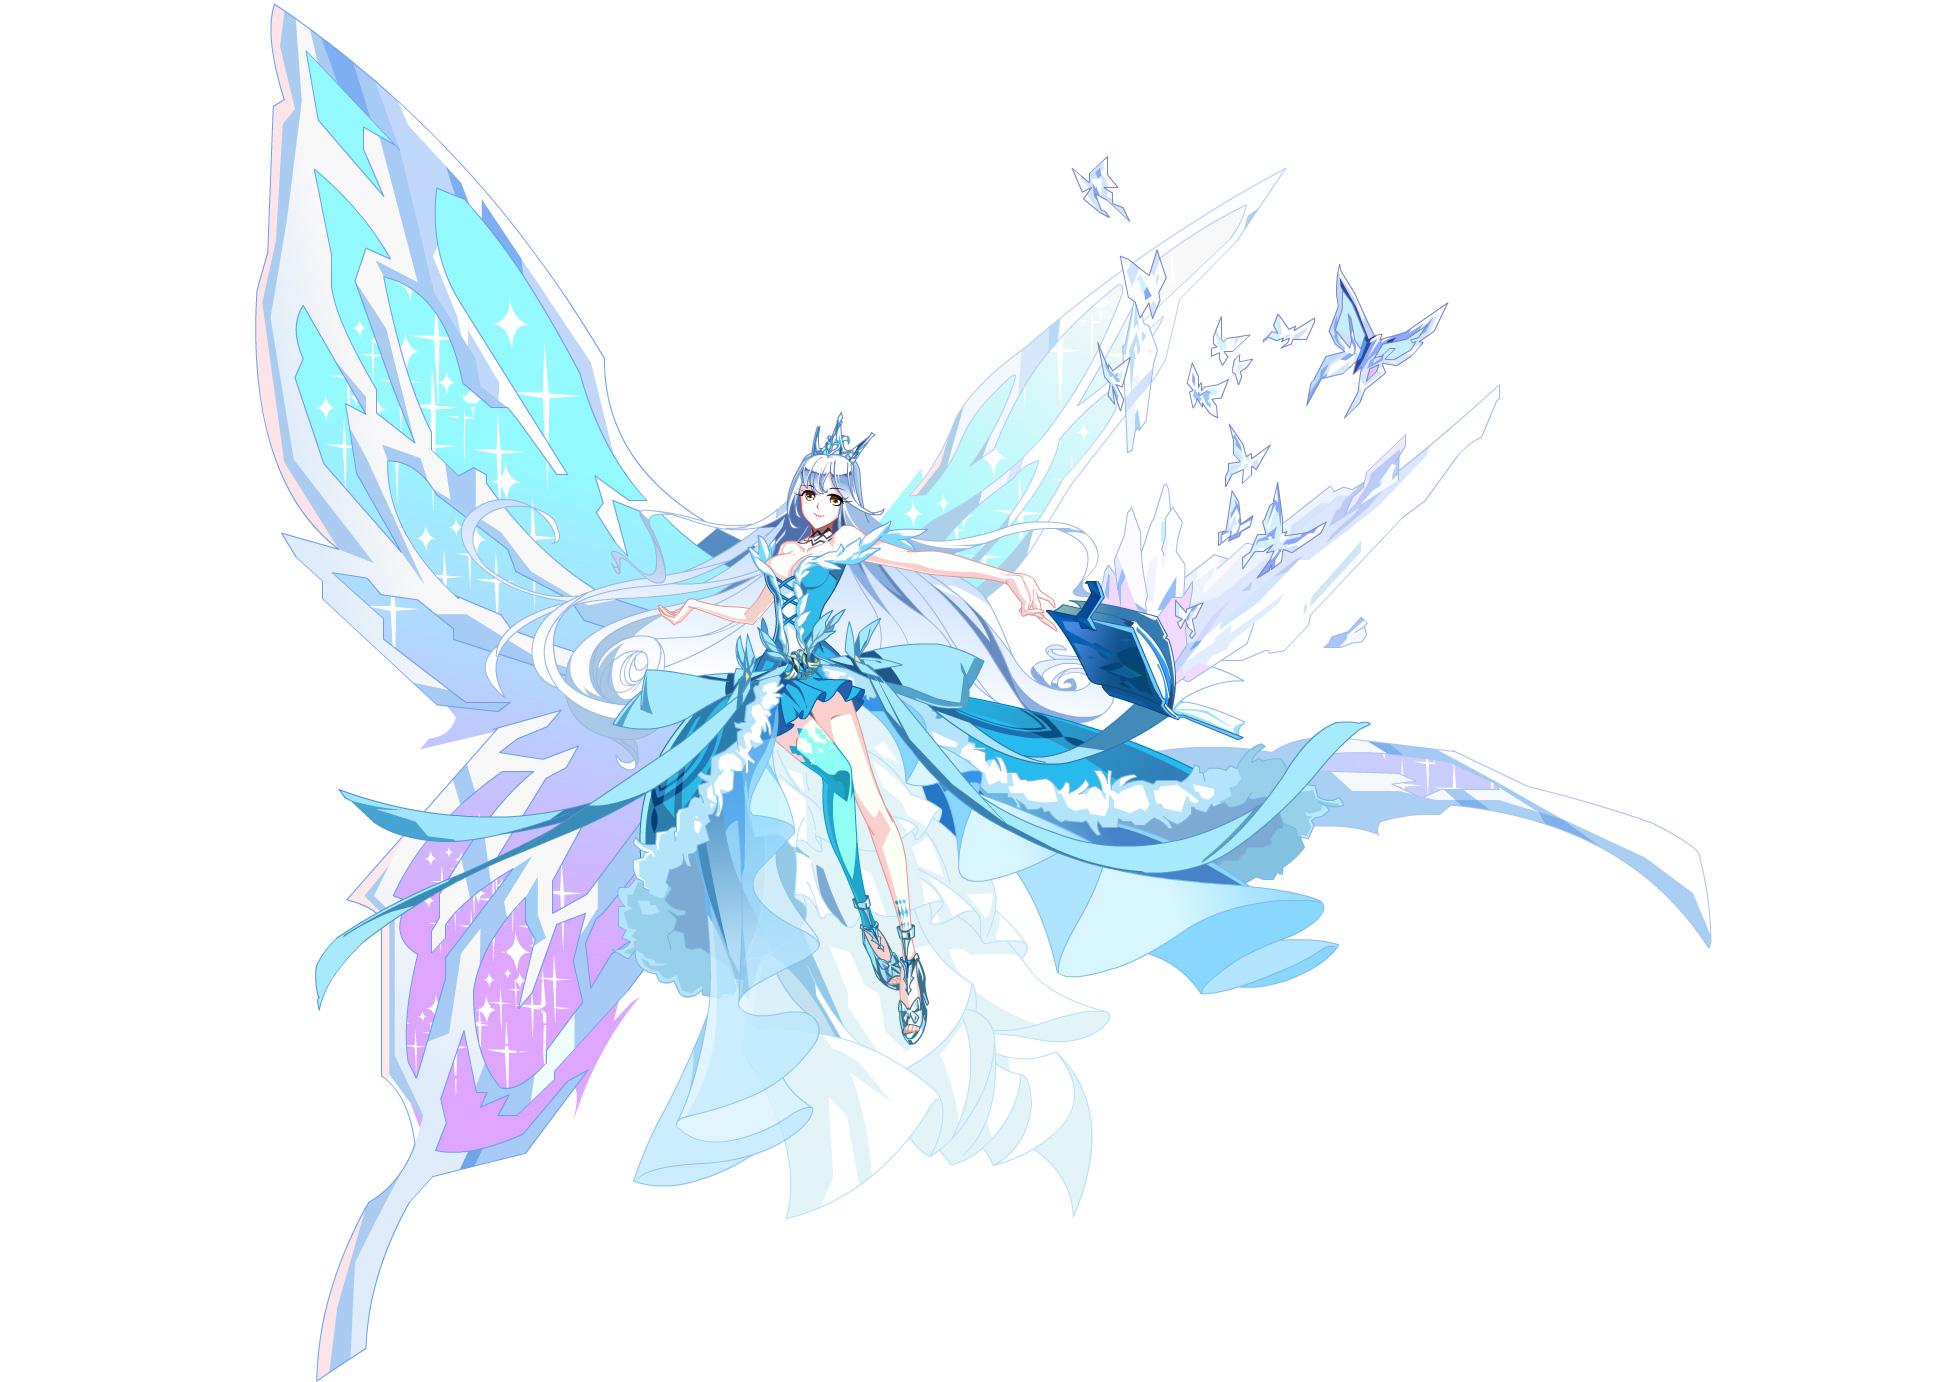 冰雪女神传_一位圣洁高雅的女神,身边总围绕着由冰雪幻化而成的蝴蝶,美丽的面容